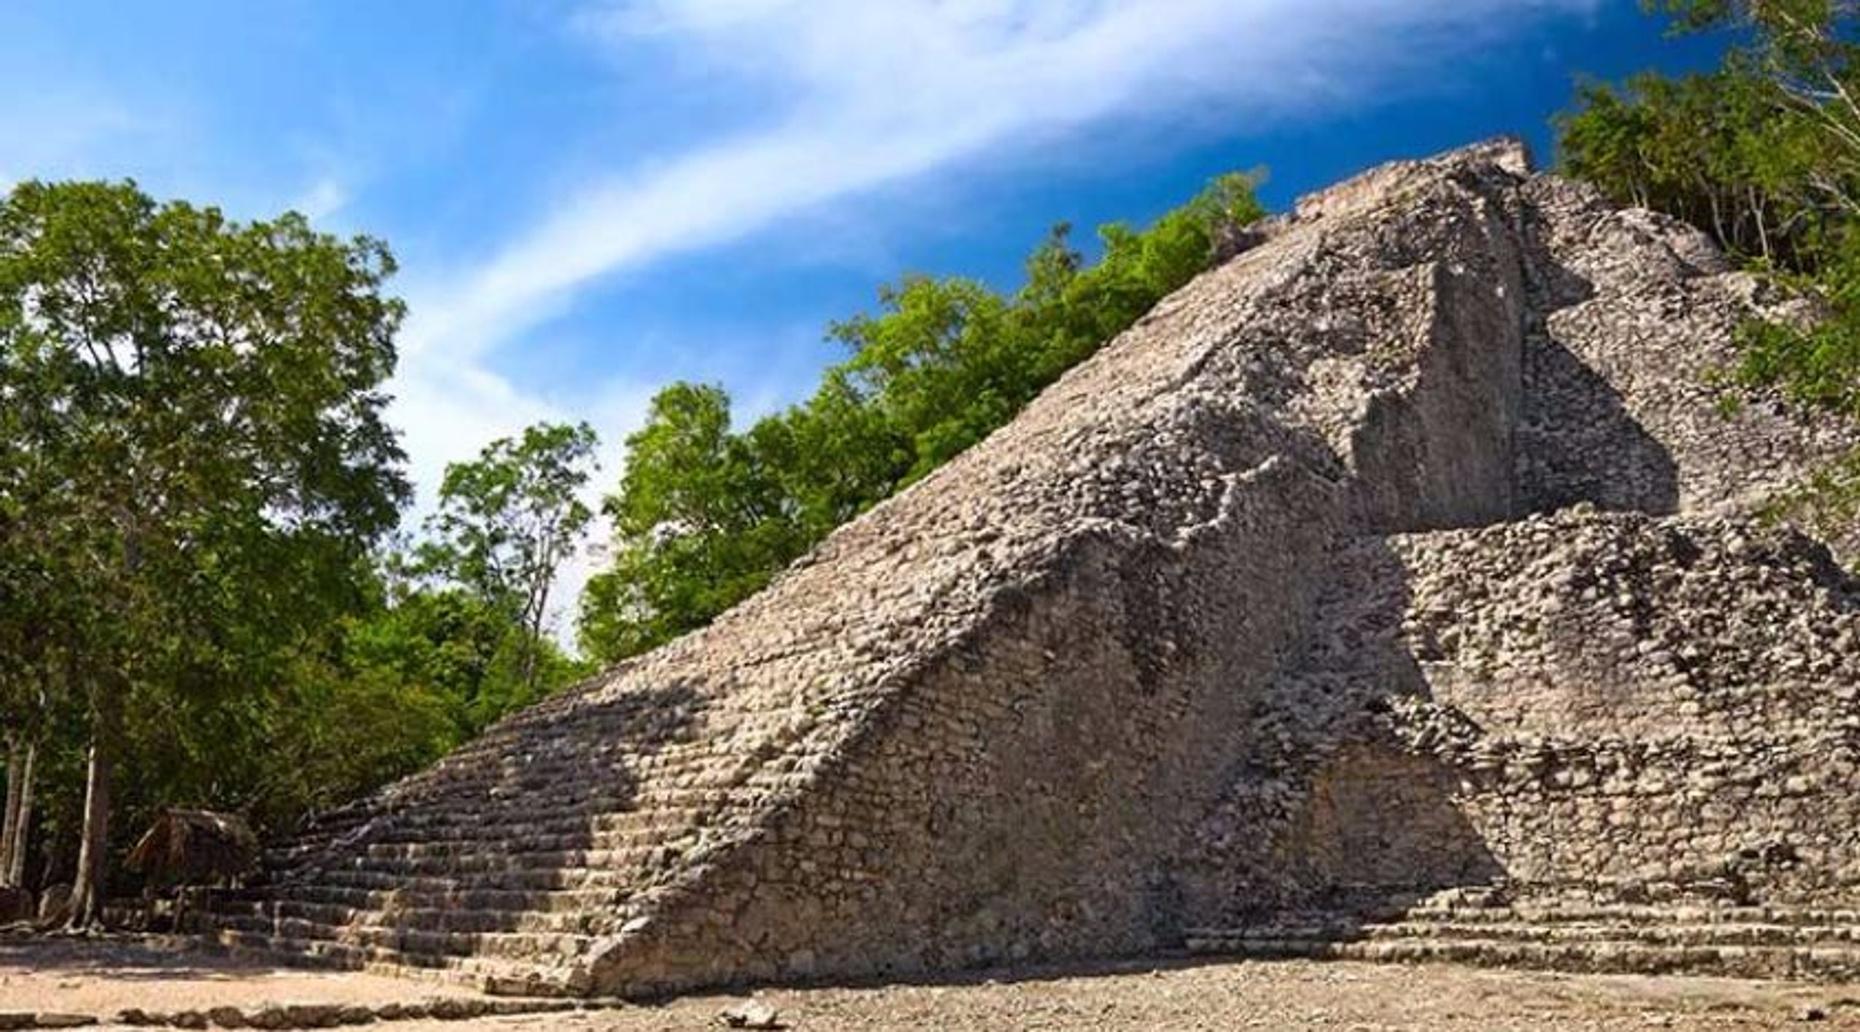 Coba & Tulum Guided Tour of Mayan Culture